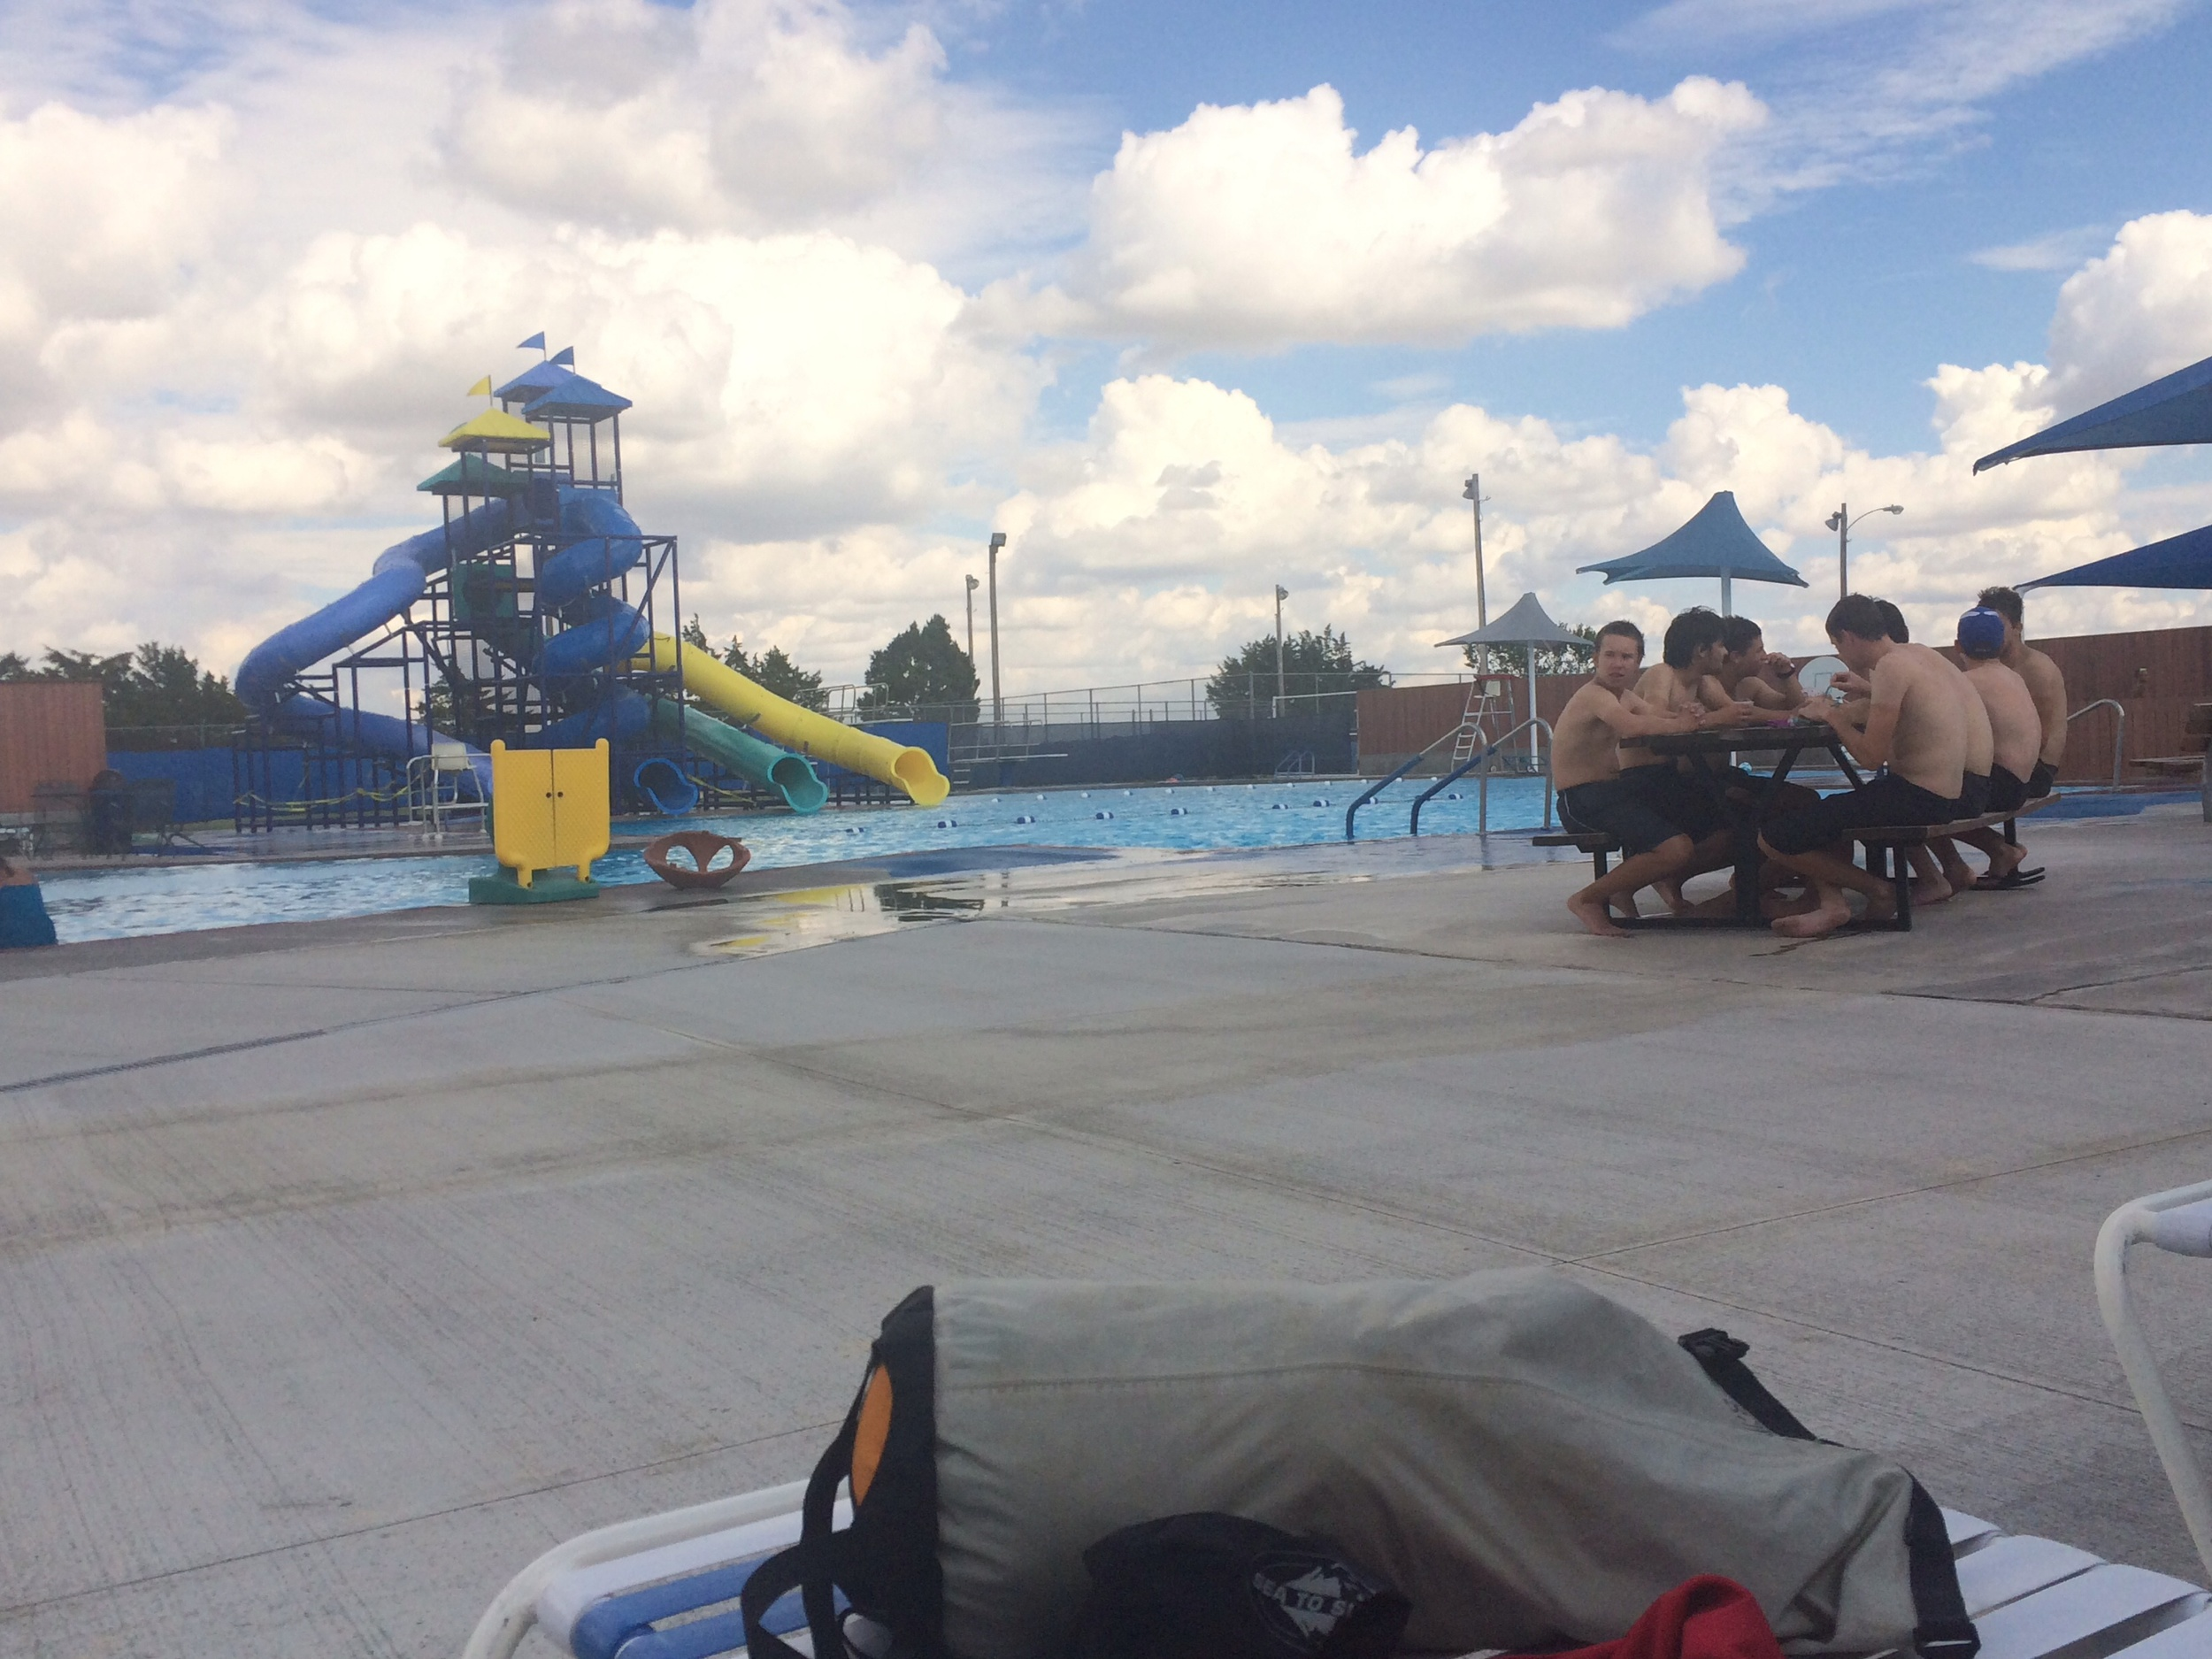 Scott City. What a pool!